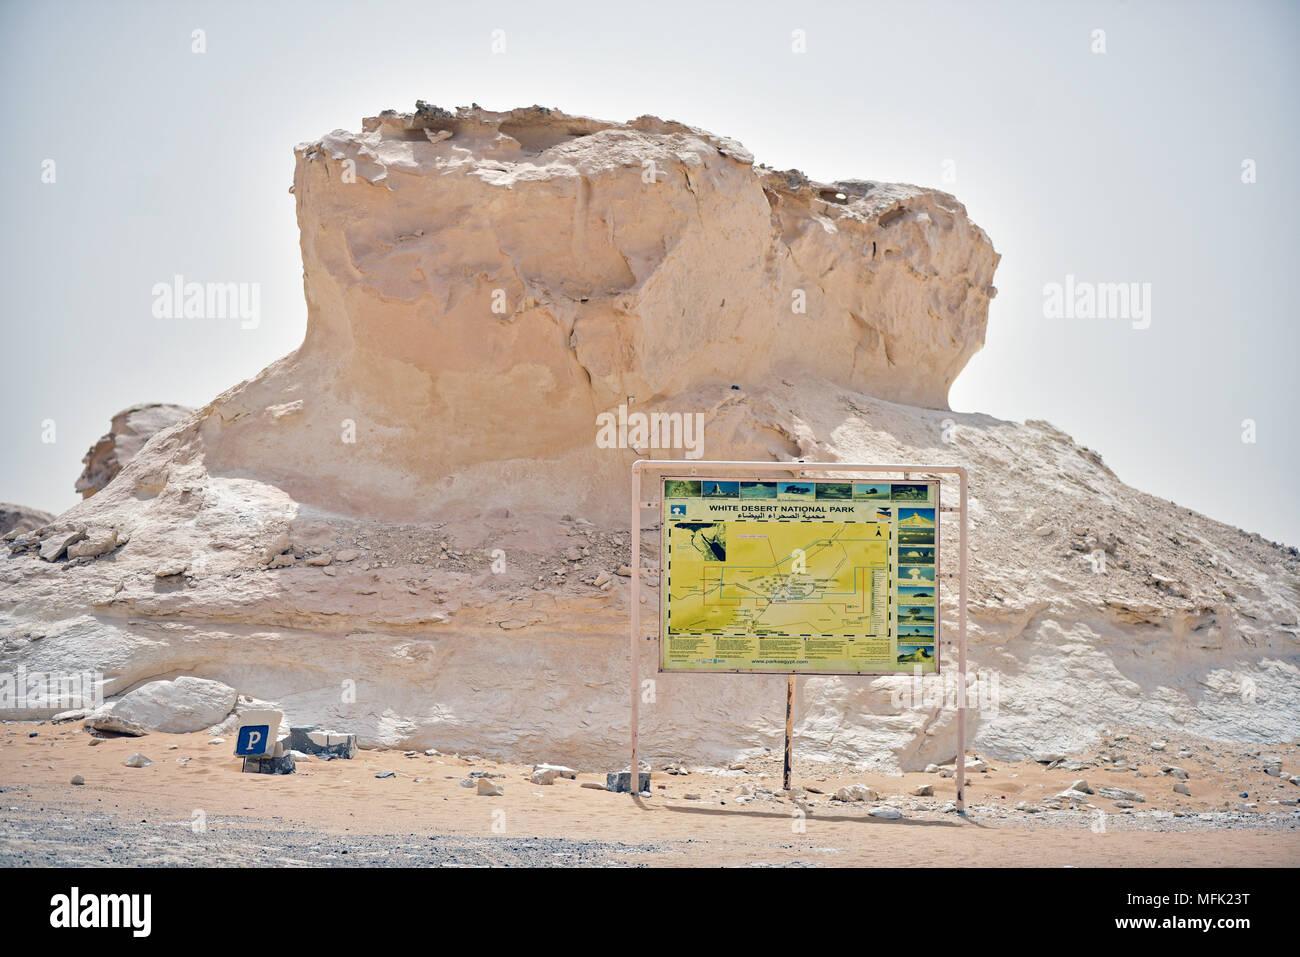 Kalkstein Formation In Die Weisse Wuste In Der Nahe Von Farafra Mit